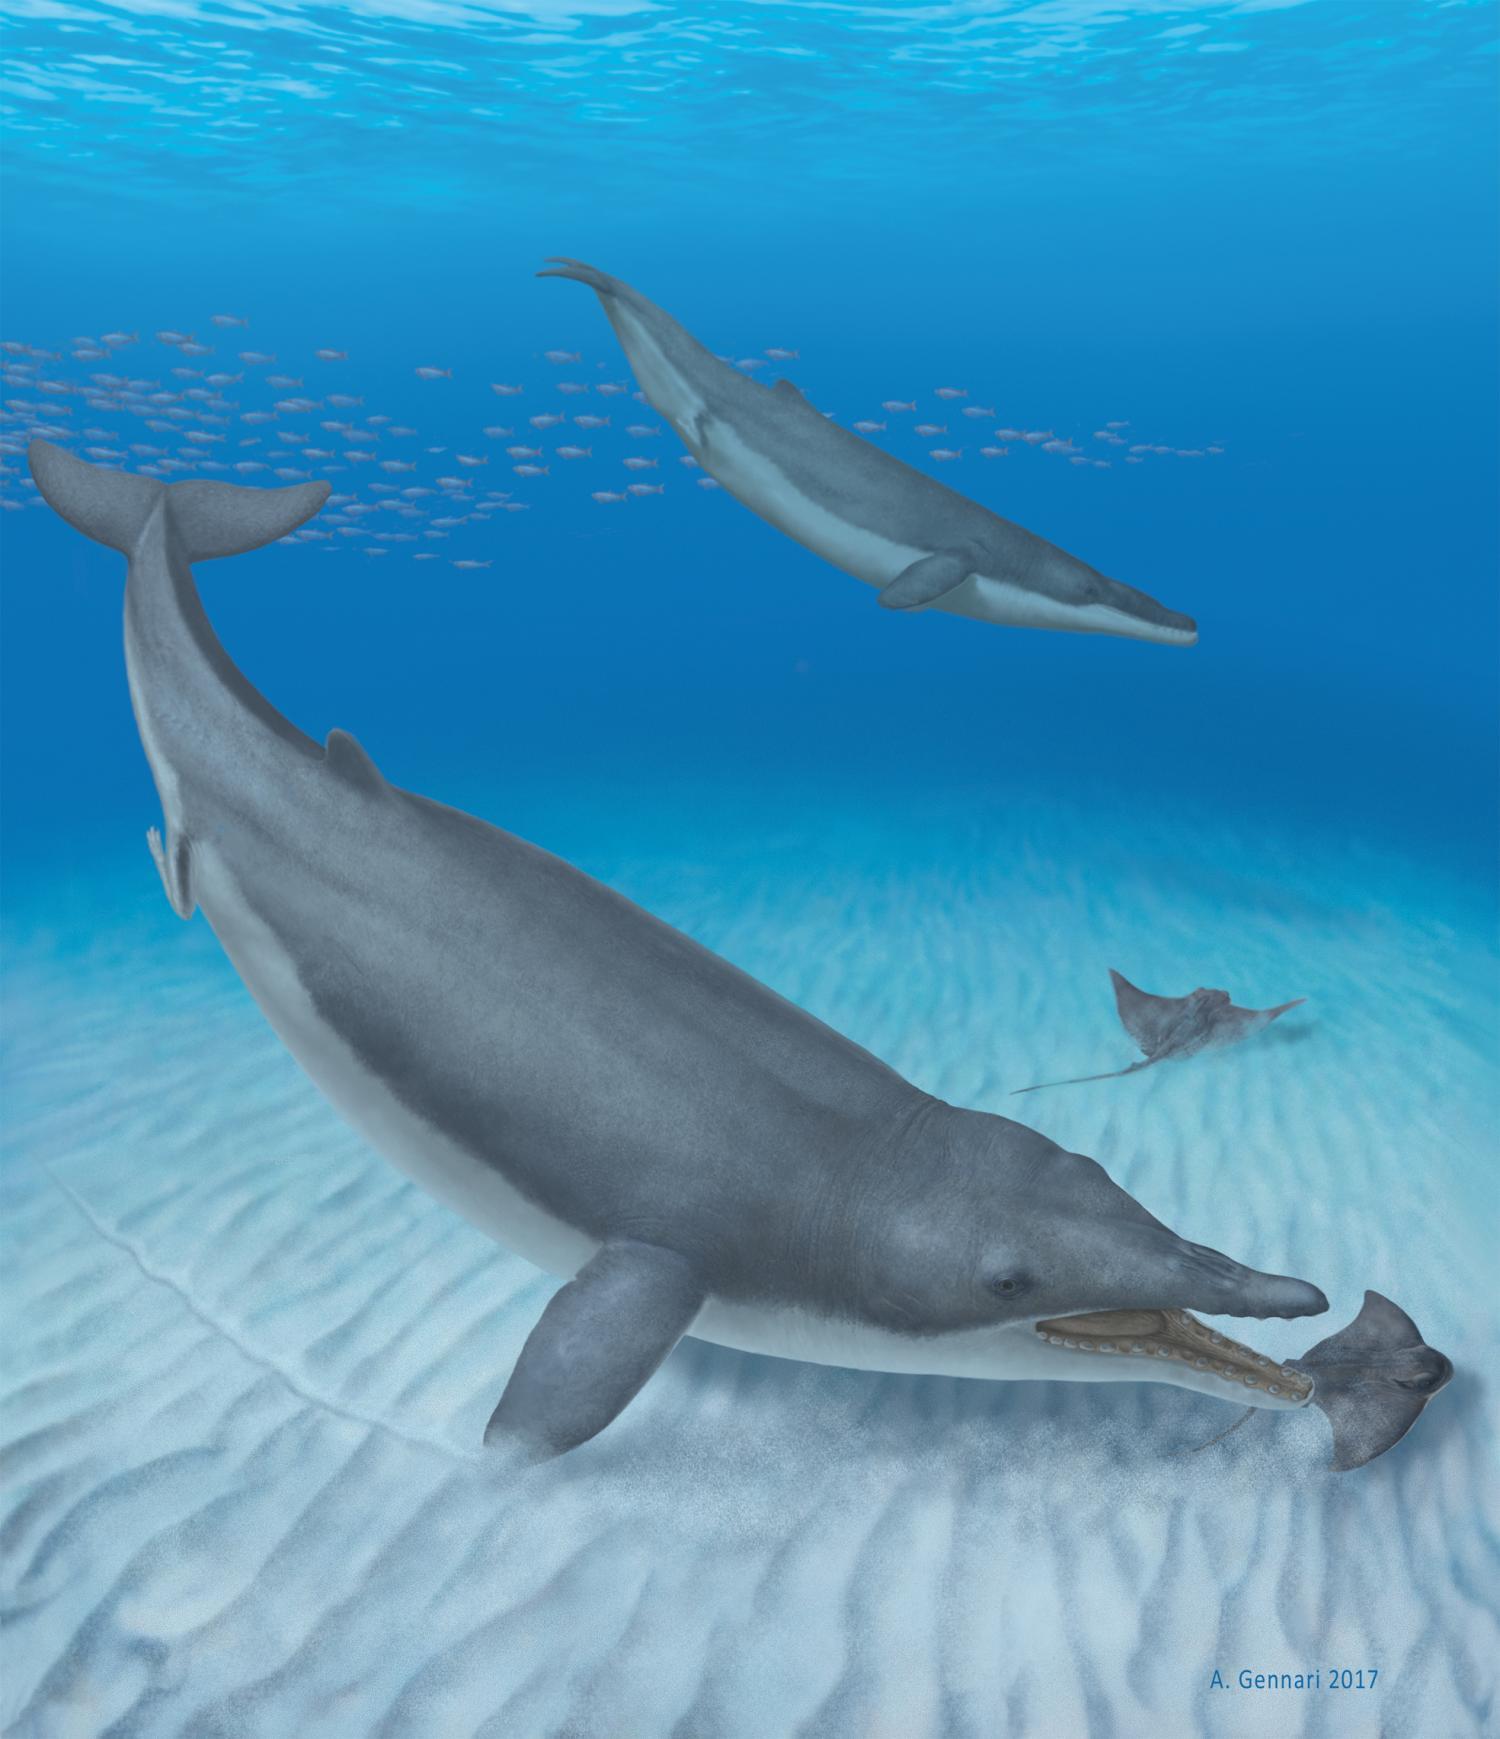 Ilustrace tvora Mystacodon selenensis, který kdysi brázdil pobřežní vody dnešního Peru. Credit: Alberto Gennari